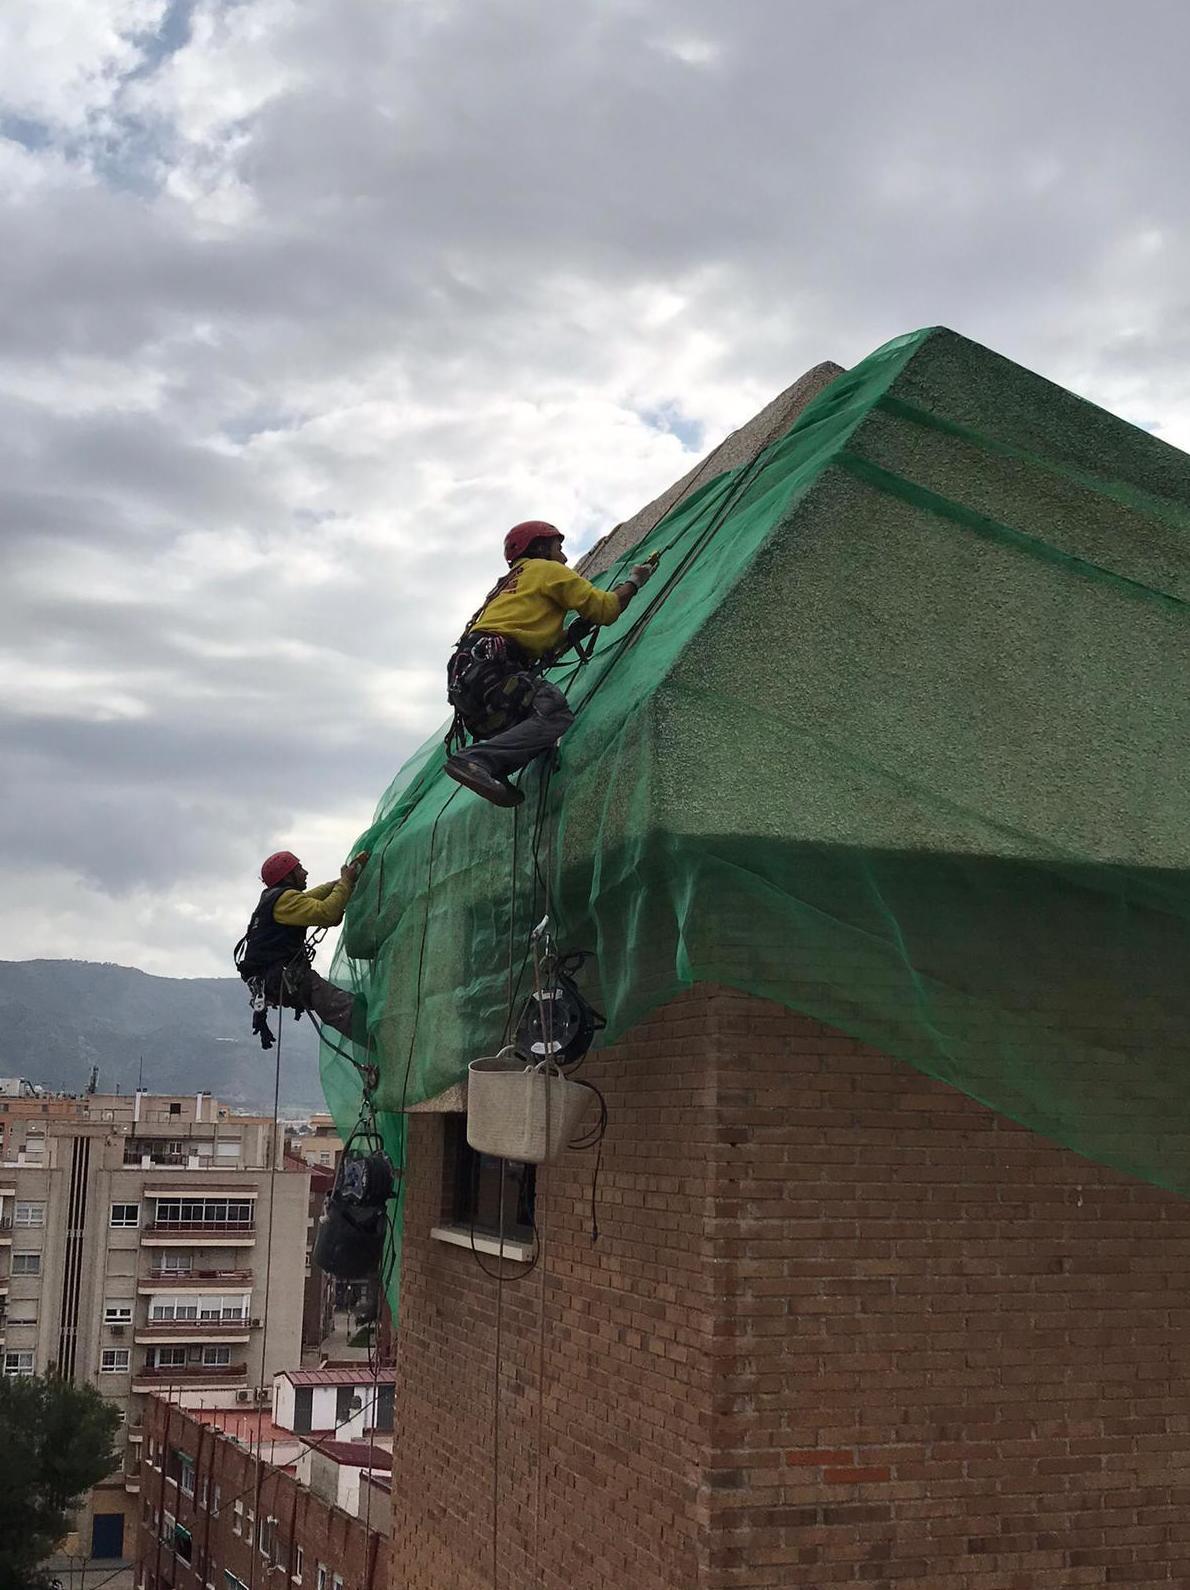 INSTALACIÓN DE MALLAS DE PROTECCIÓN EN FACHADA